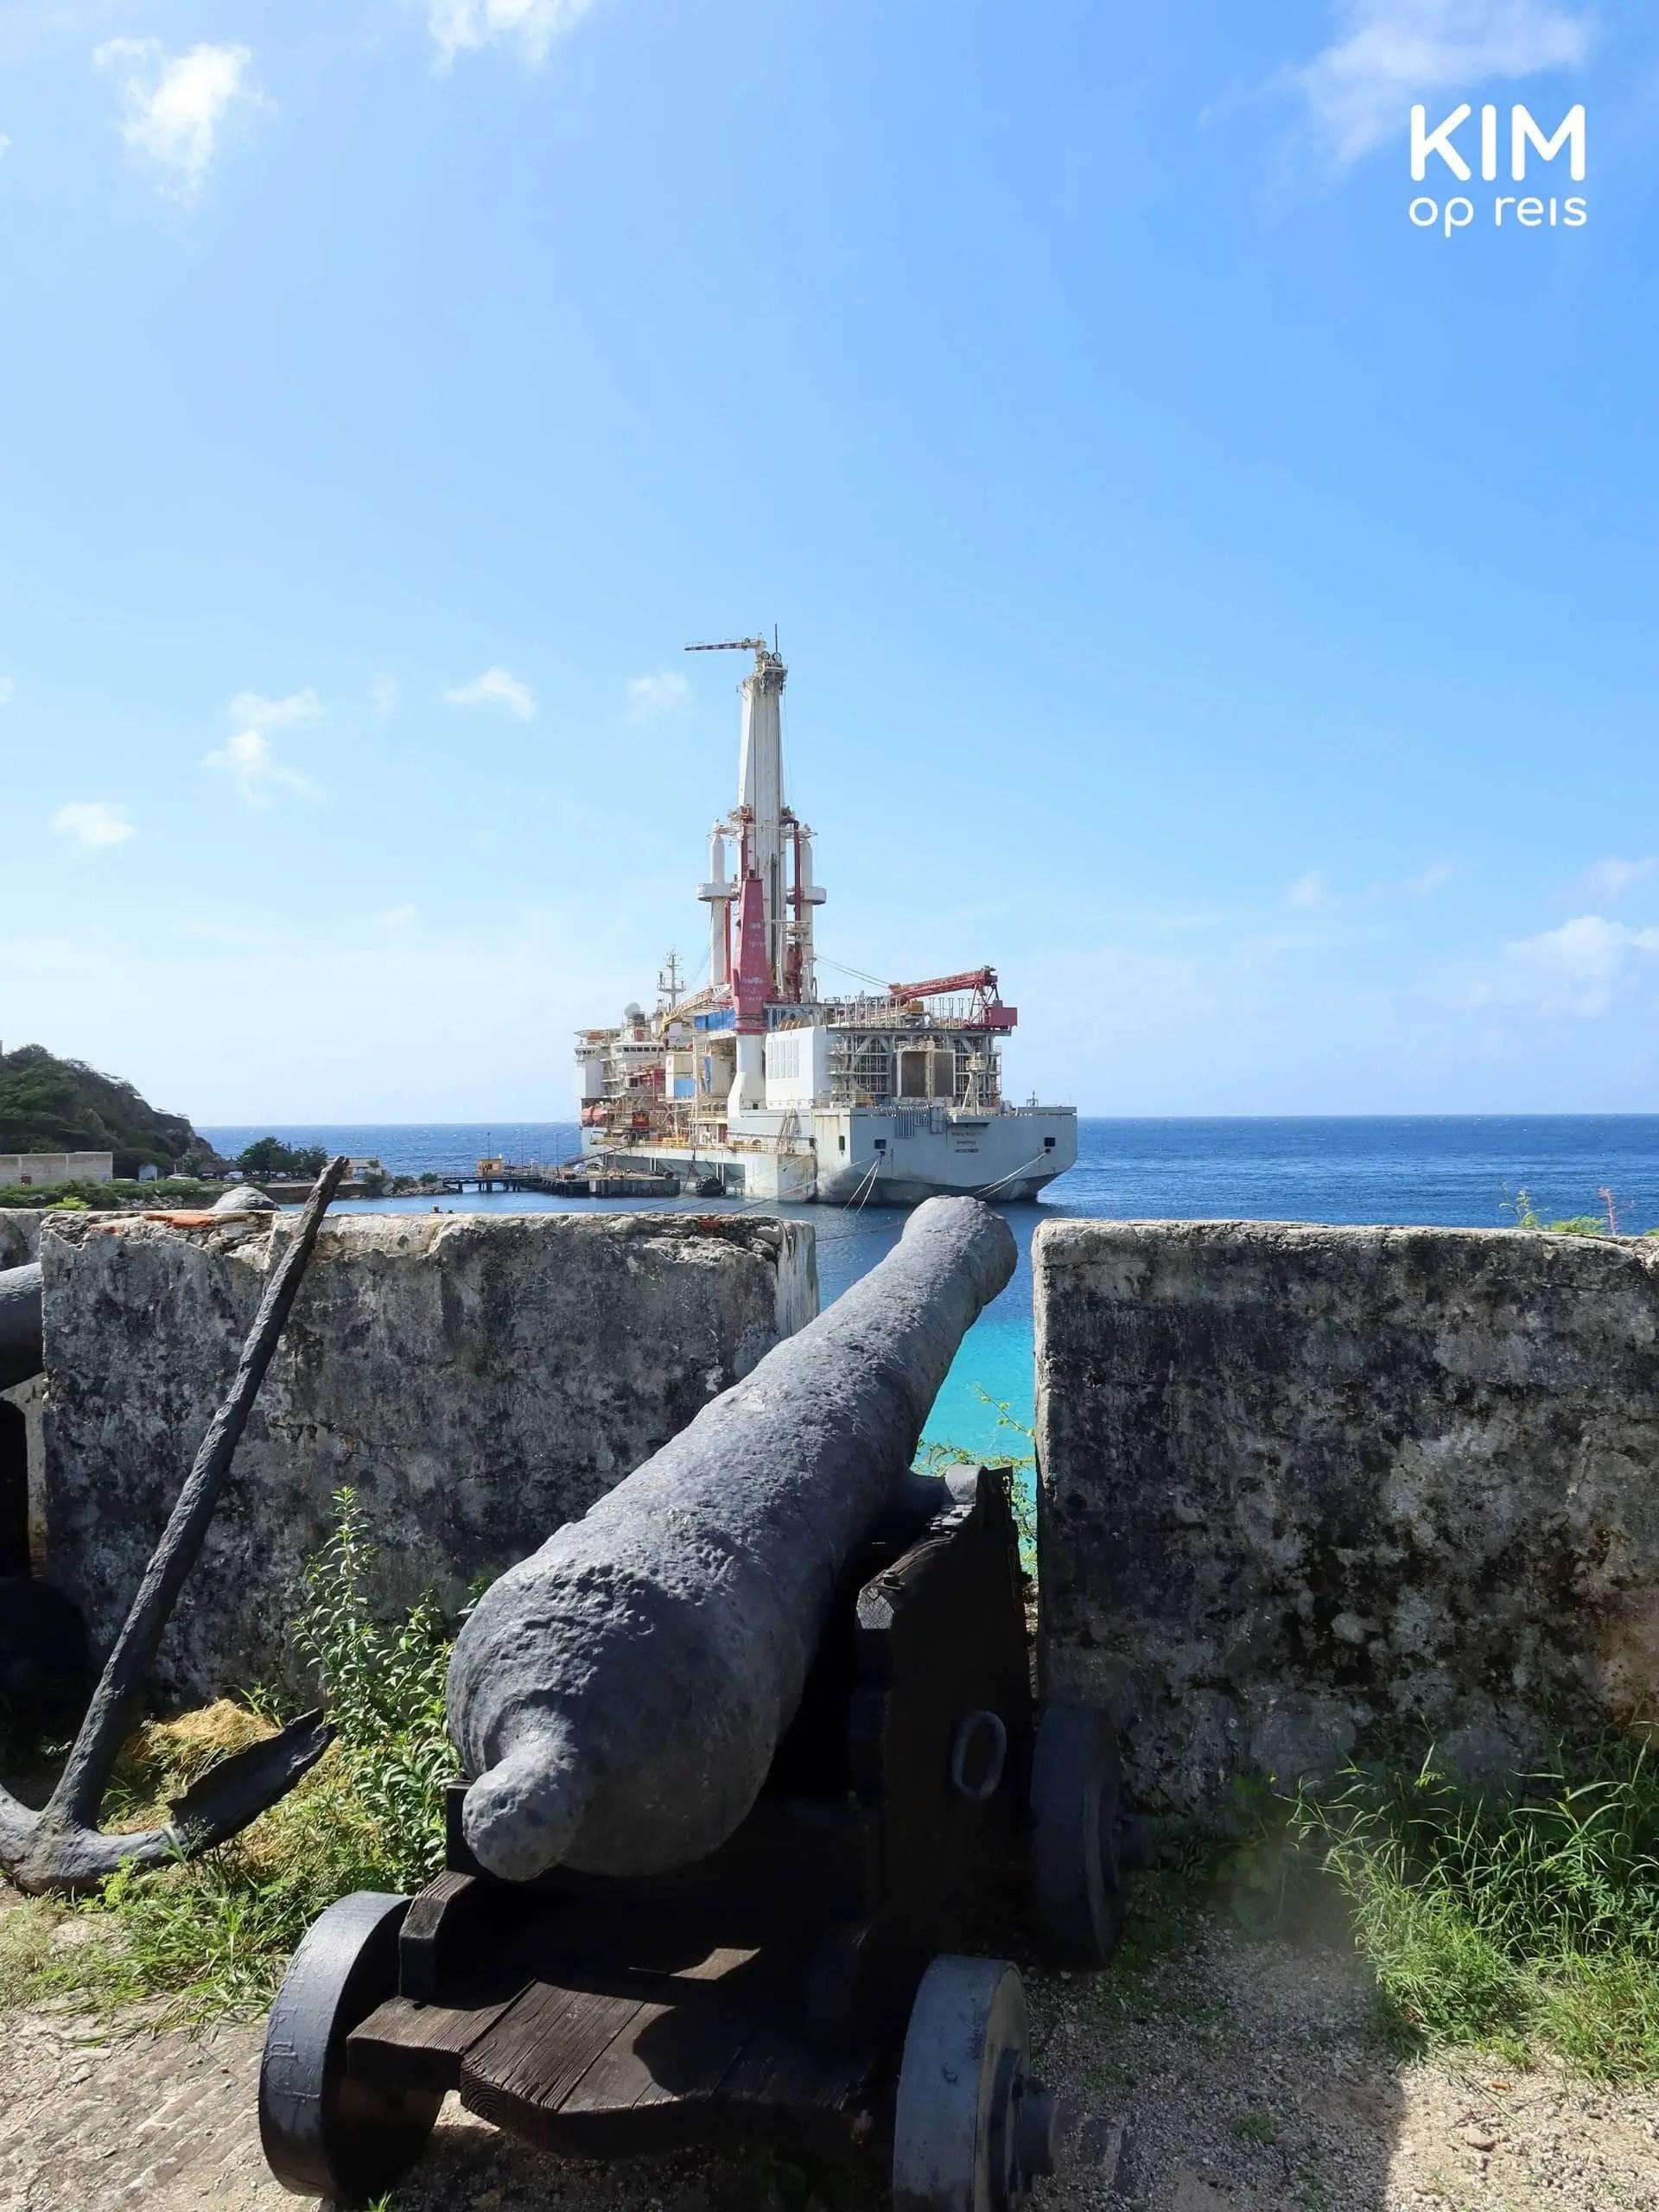 Fort Beekenburg Curaçao: kanon op het fort met op de achtergrond een enorm schip